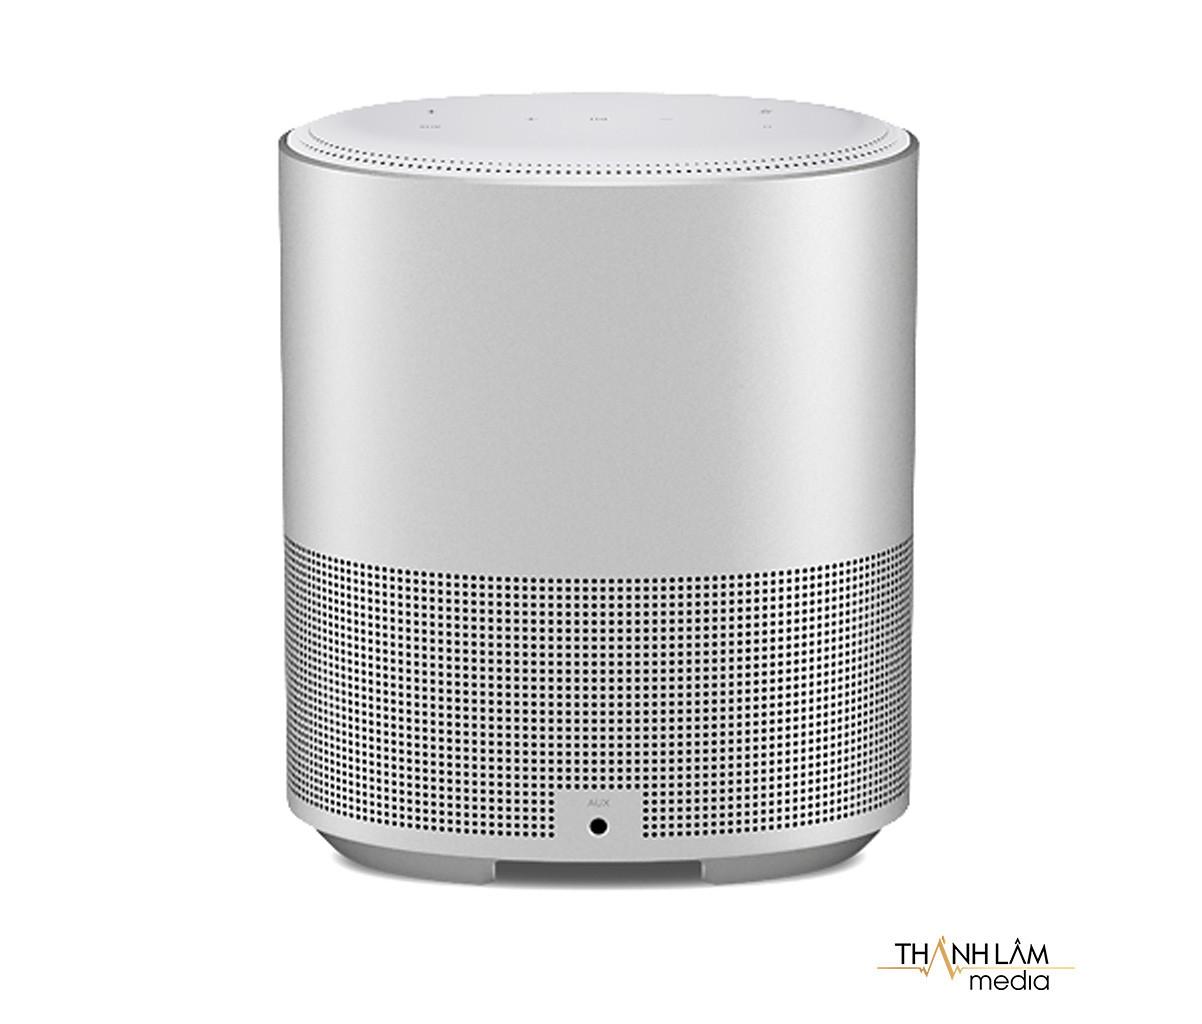 Loa Bose Home Speaker 500 Trang 2